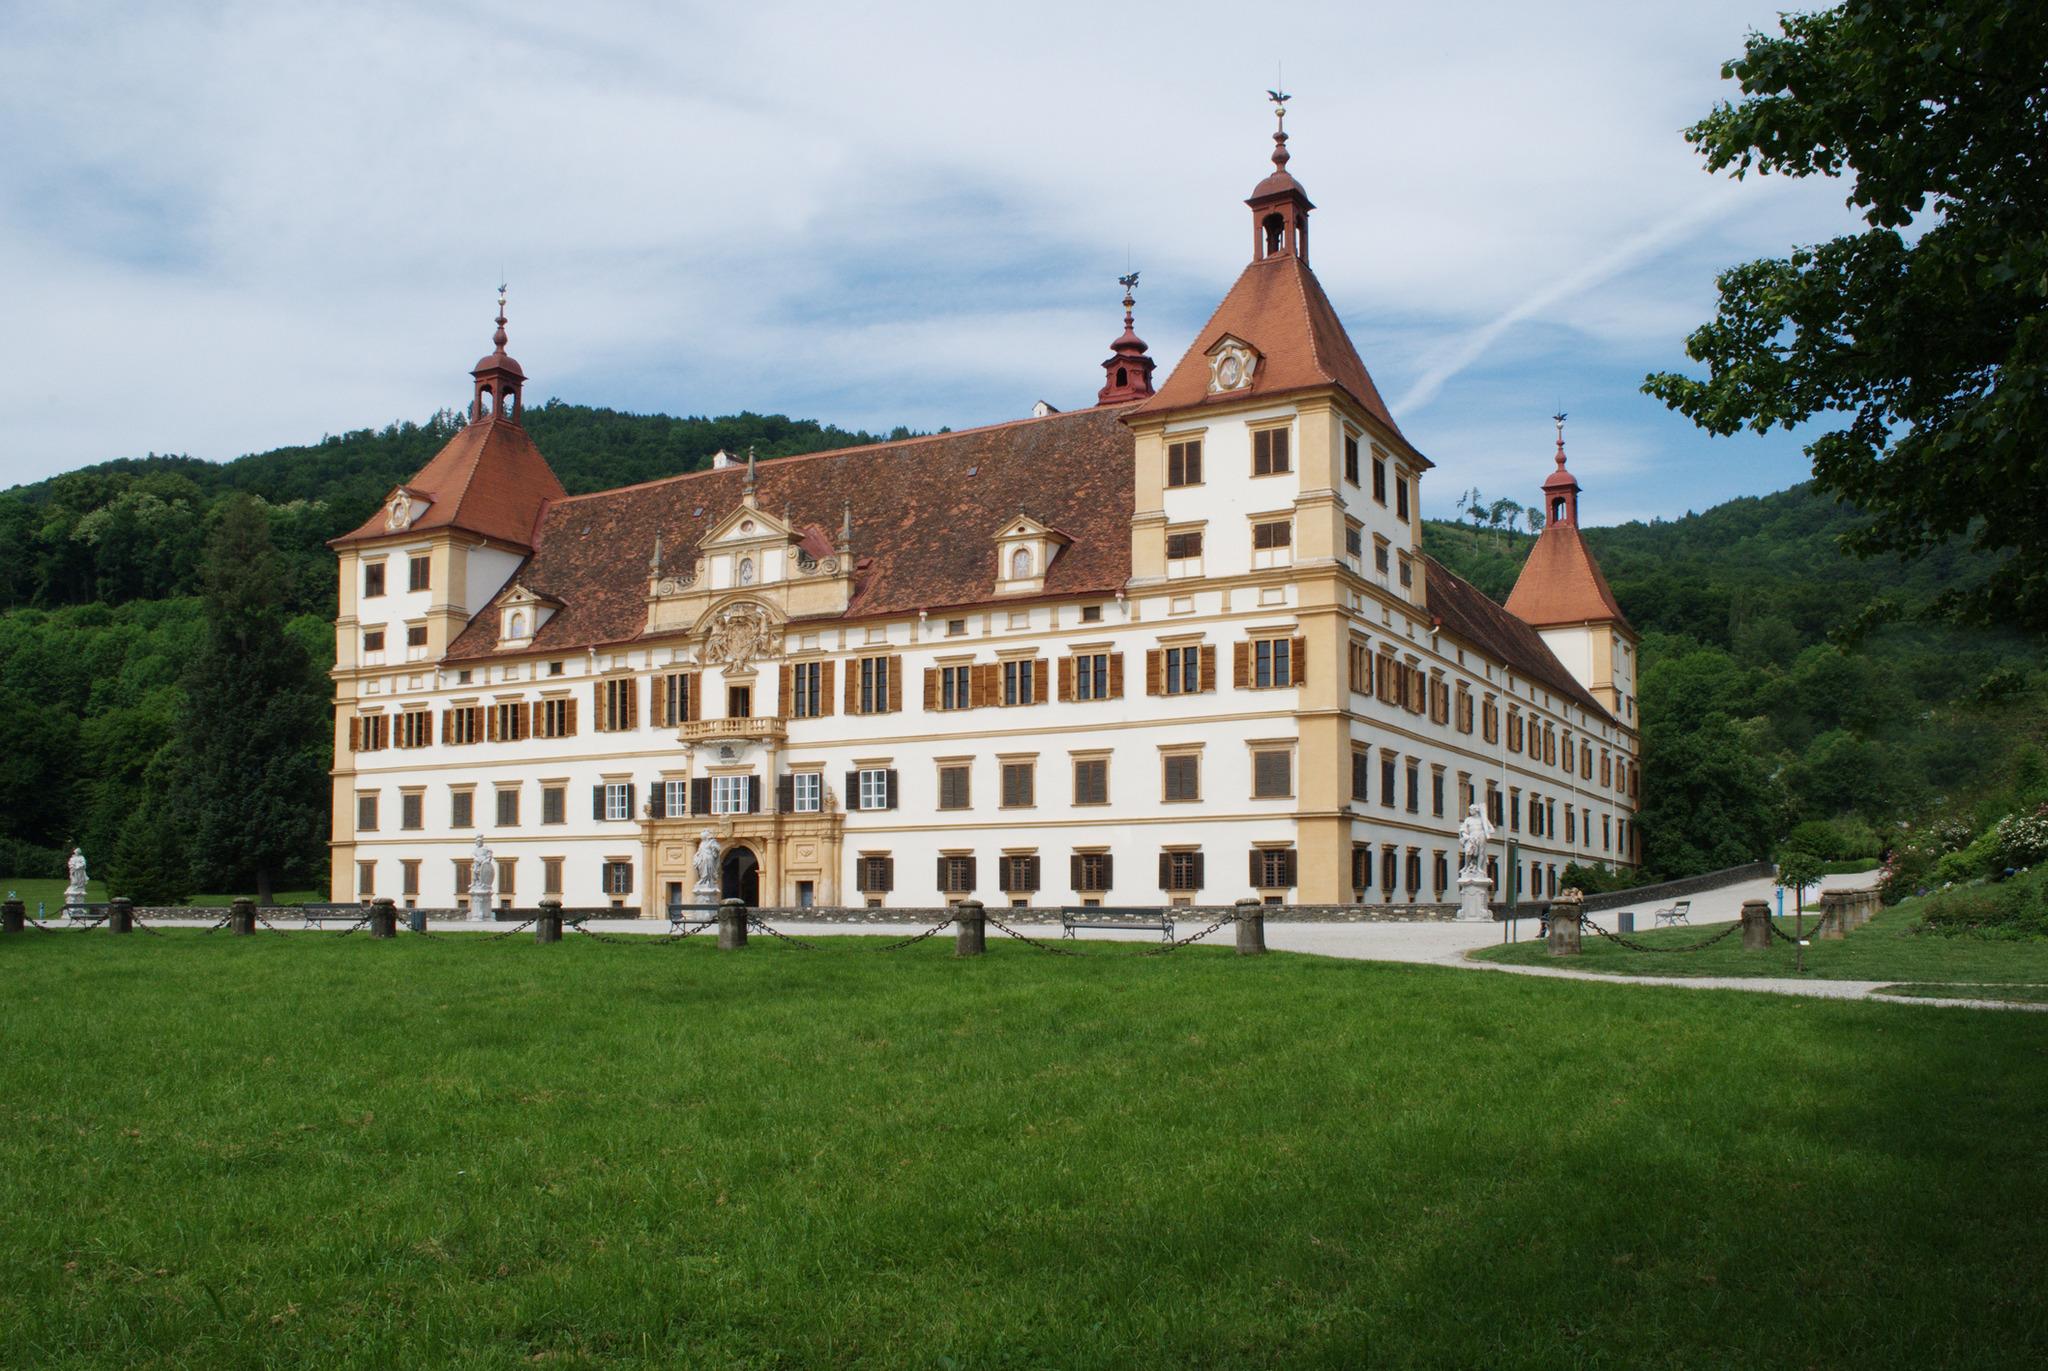 Graz online kennenlernen - Graz - huggology.com